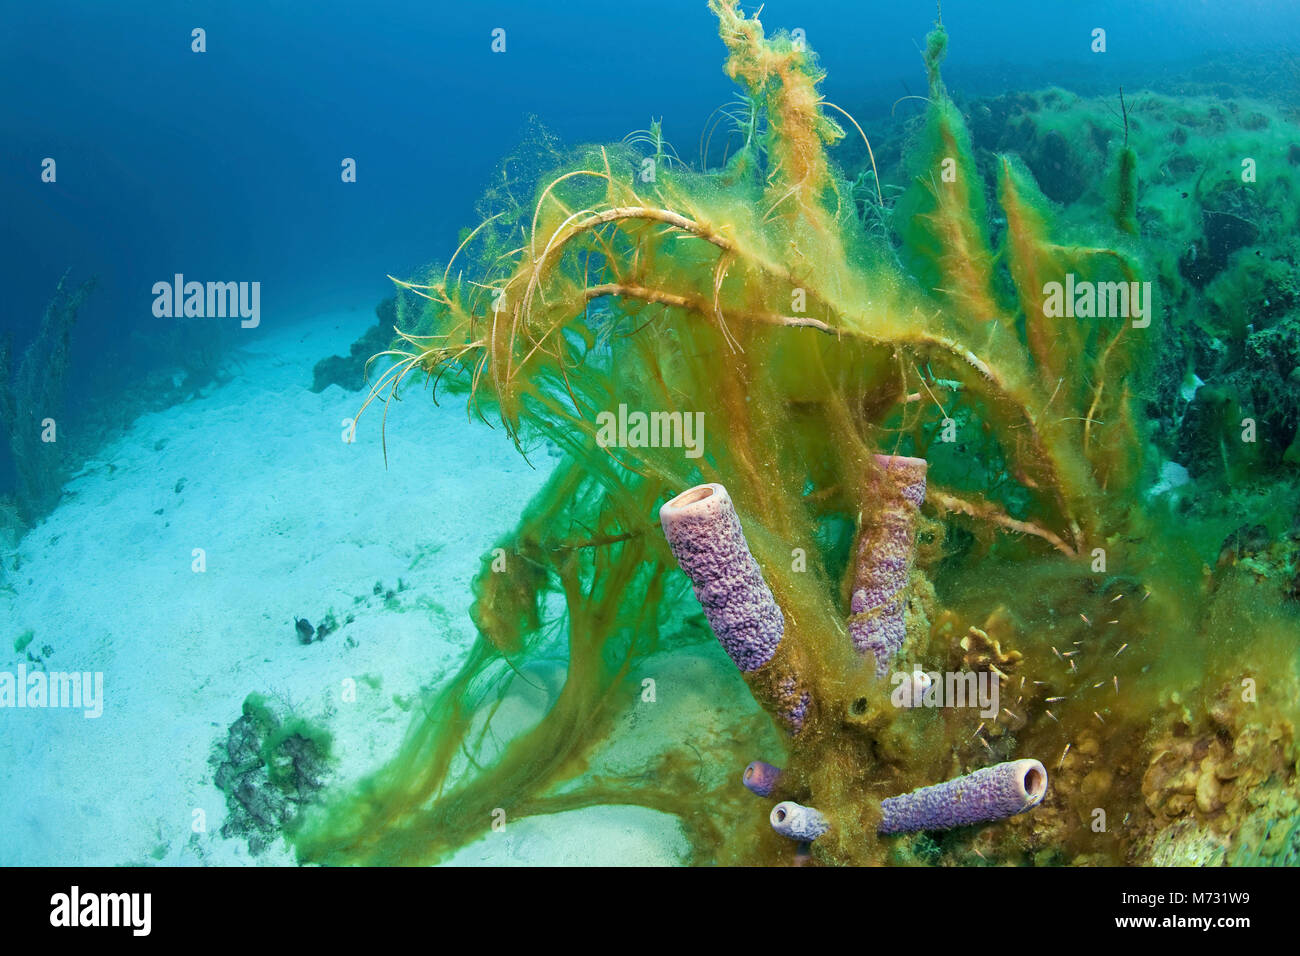 Las algas desbordar un arrecife de coral muerto, Curazao, Antillas Neerlandesas, Caribe, Mar Caribe Imagen De Stock